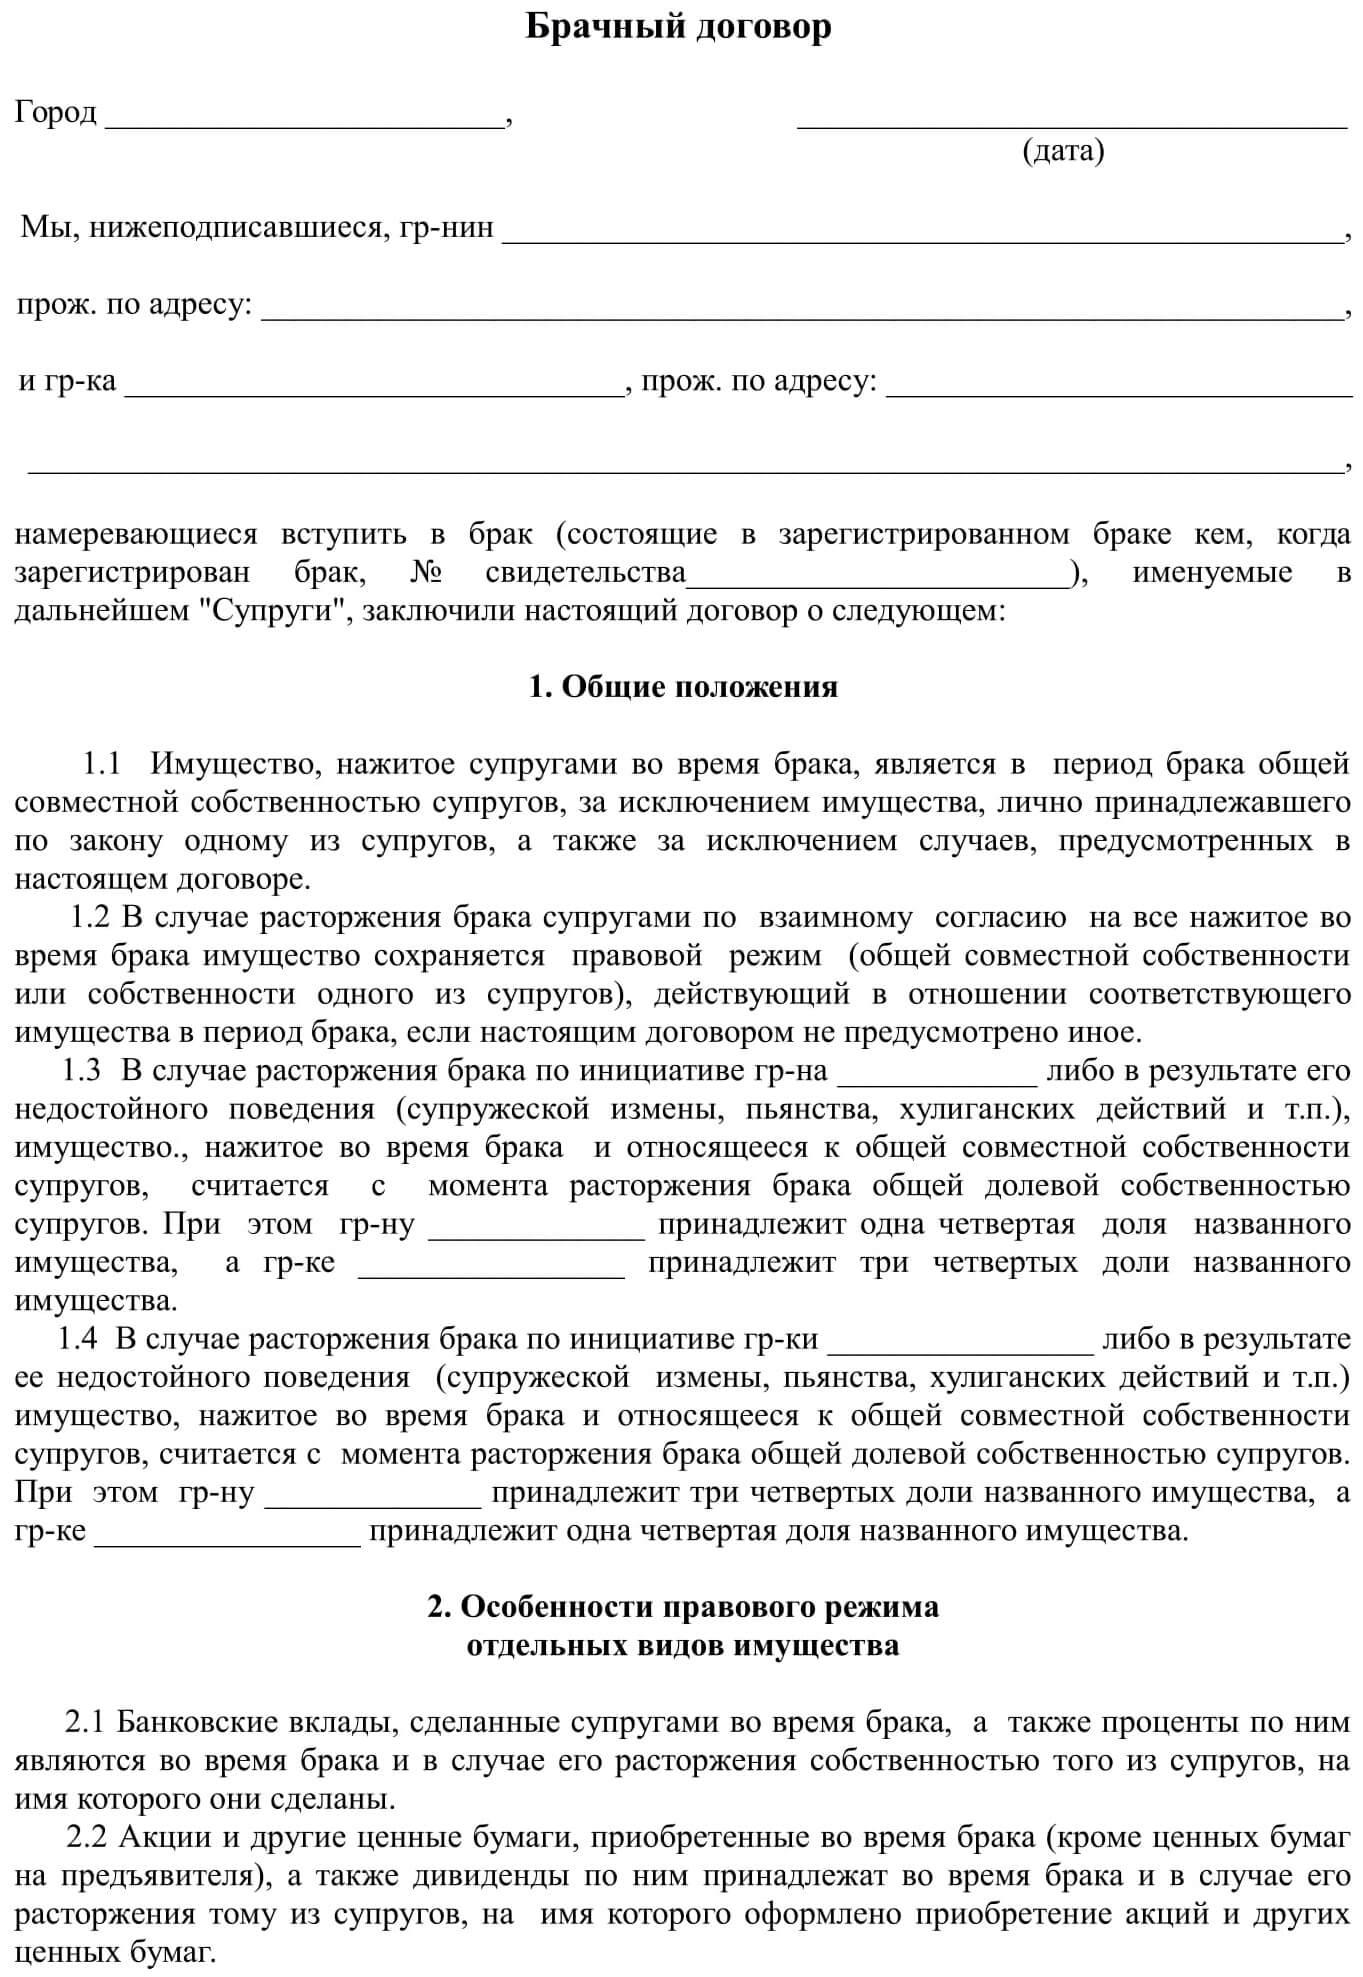 Брачный договор: порядок оформления, условия, права и обязанности супругов